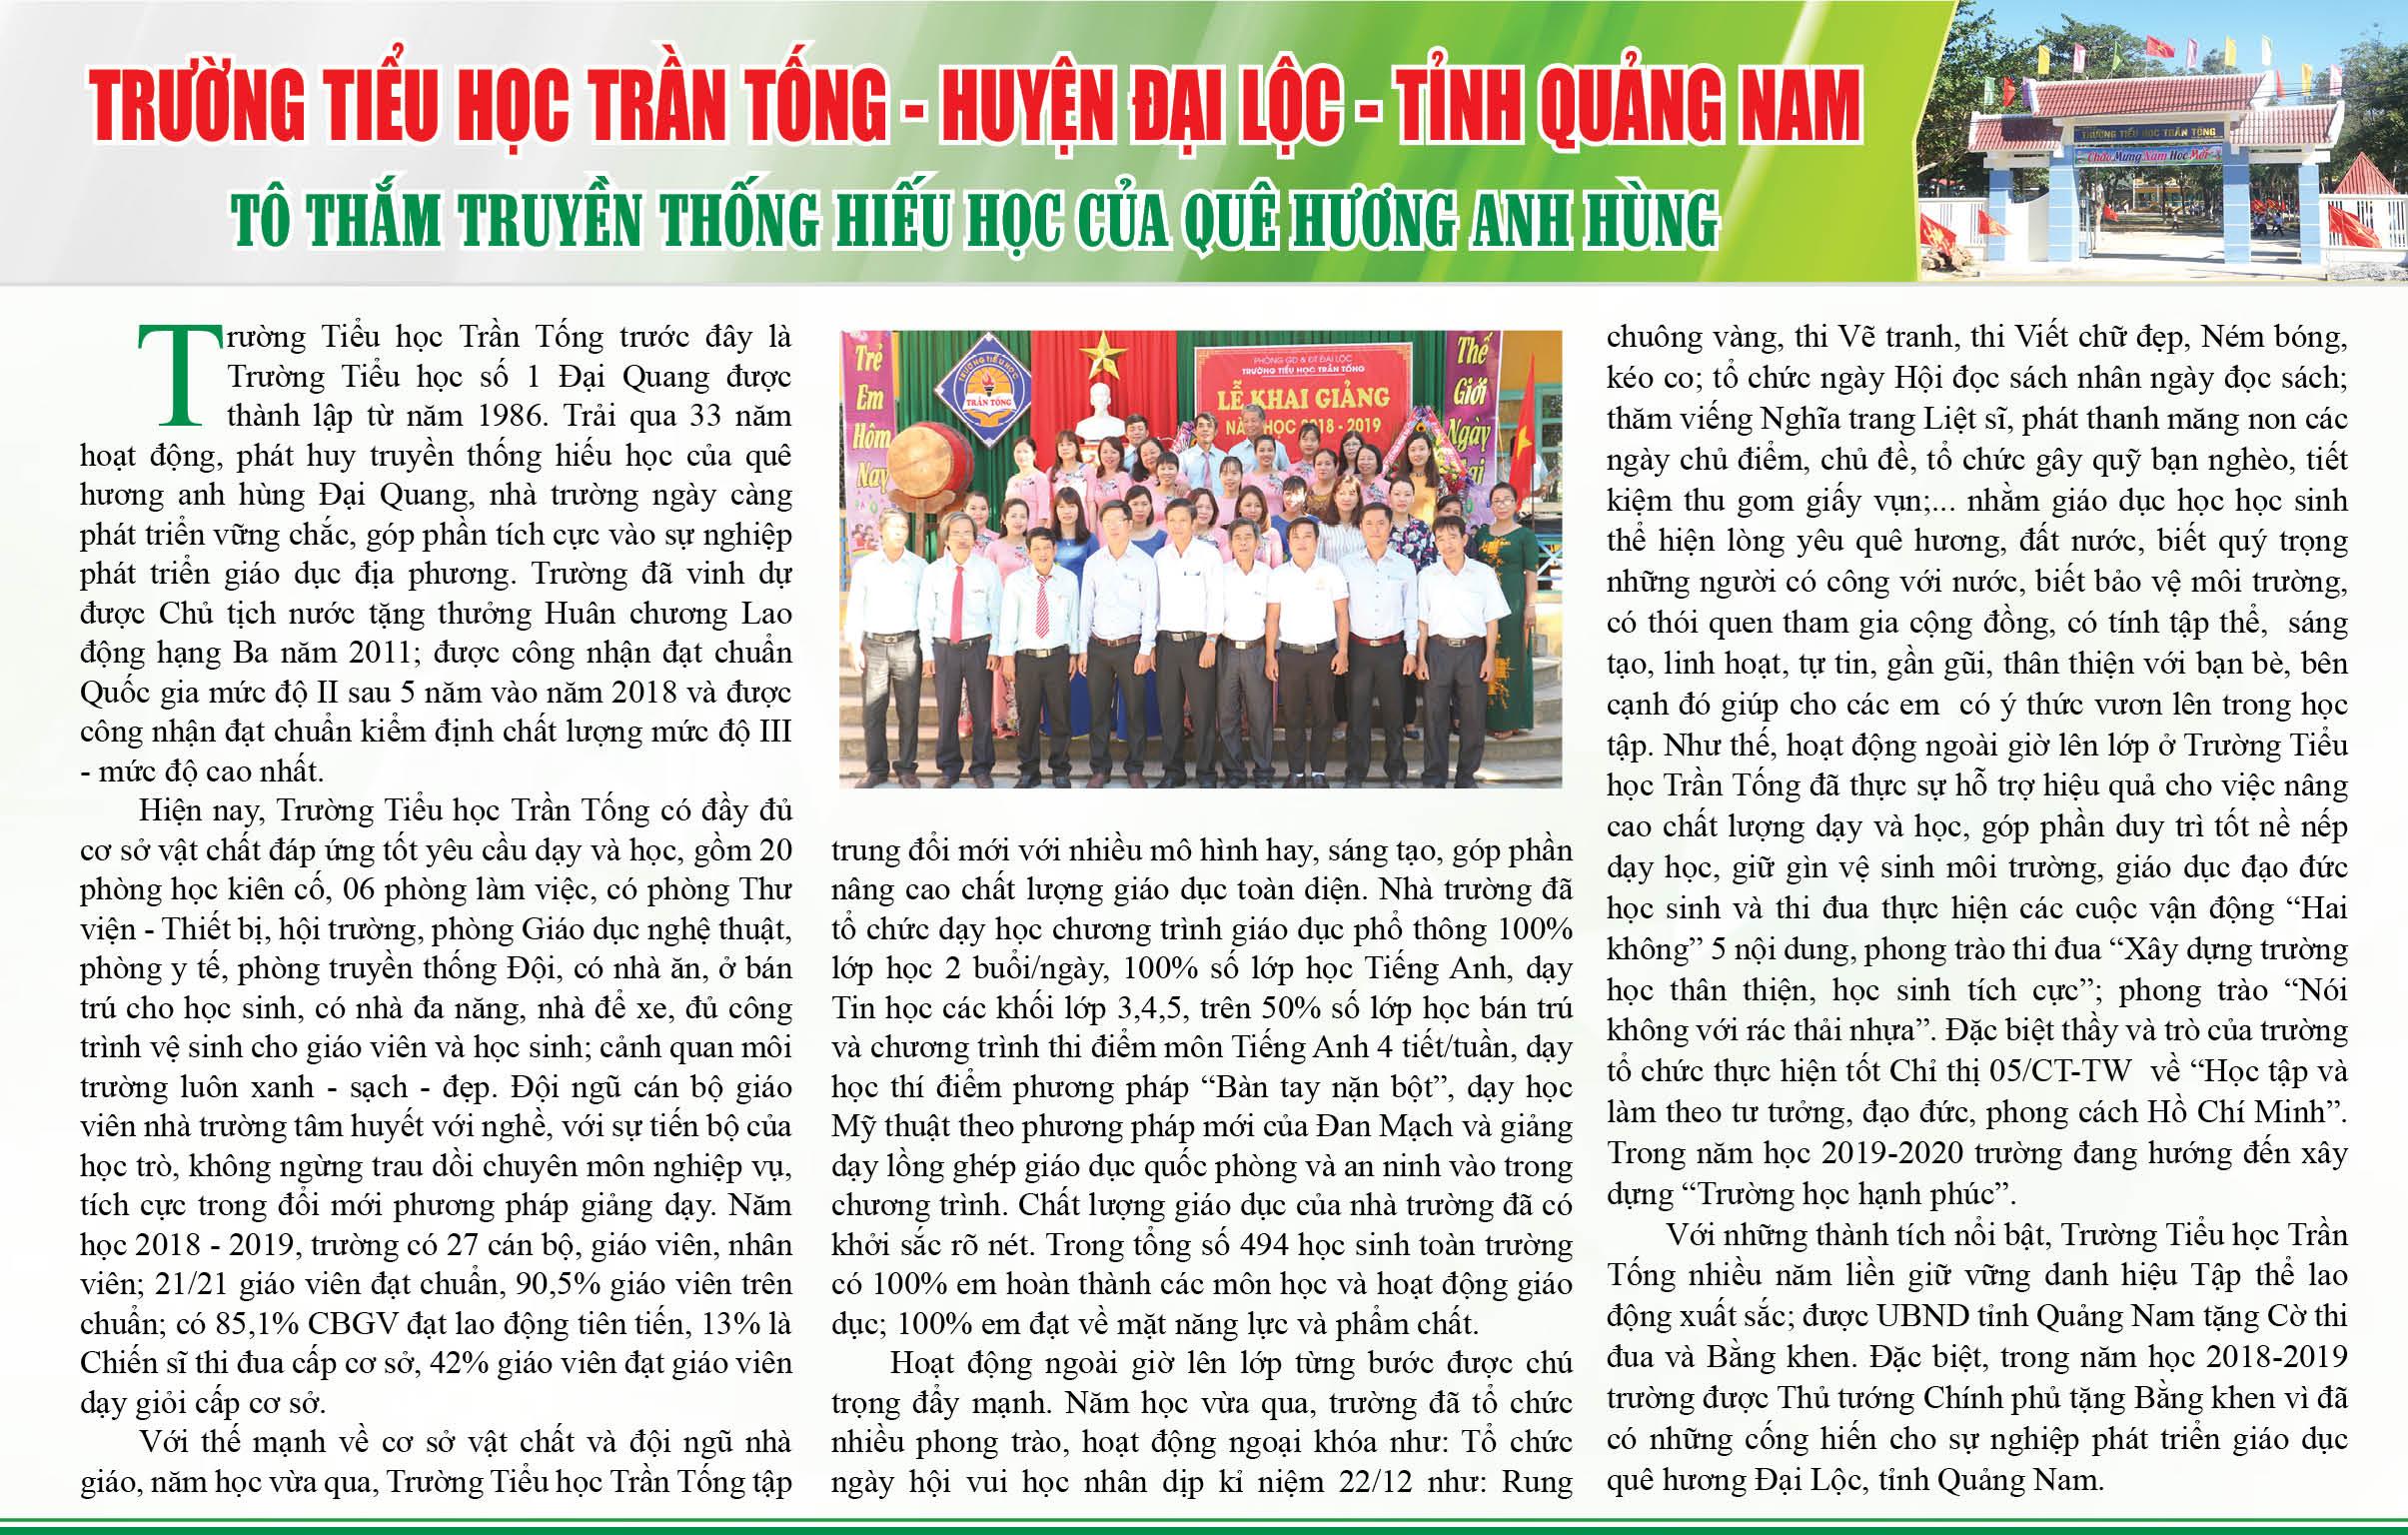 Trường Tiểu học Trần Tống, Tỉnh Quảng Nam